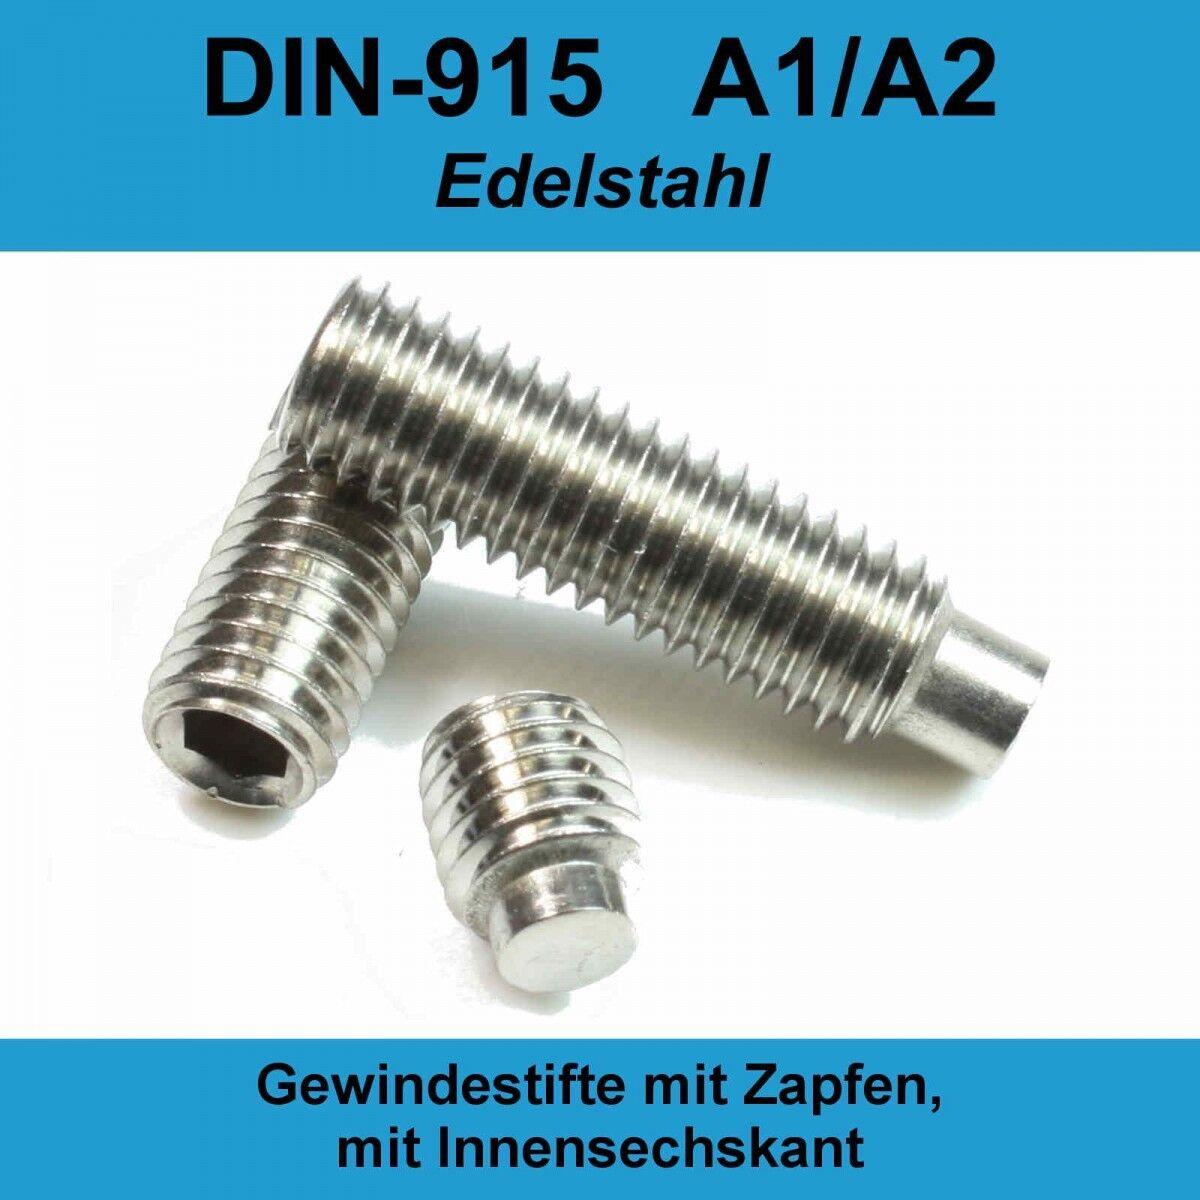 M10 DIN 915 A2 Gewindestifte Zapfen Edelstahl Innensechskant Madenschrauben M10x